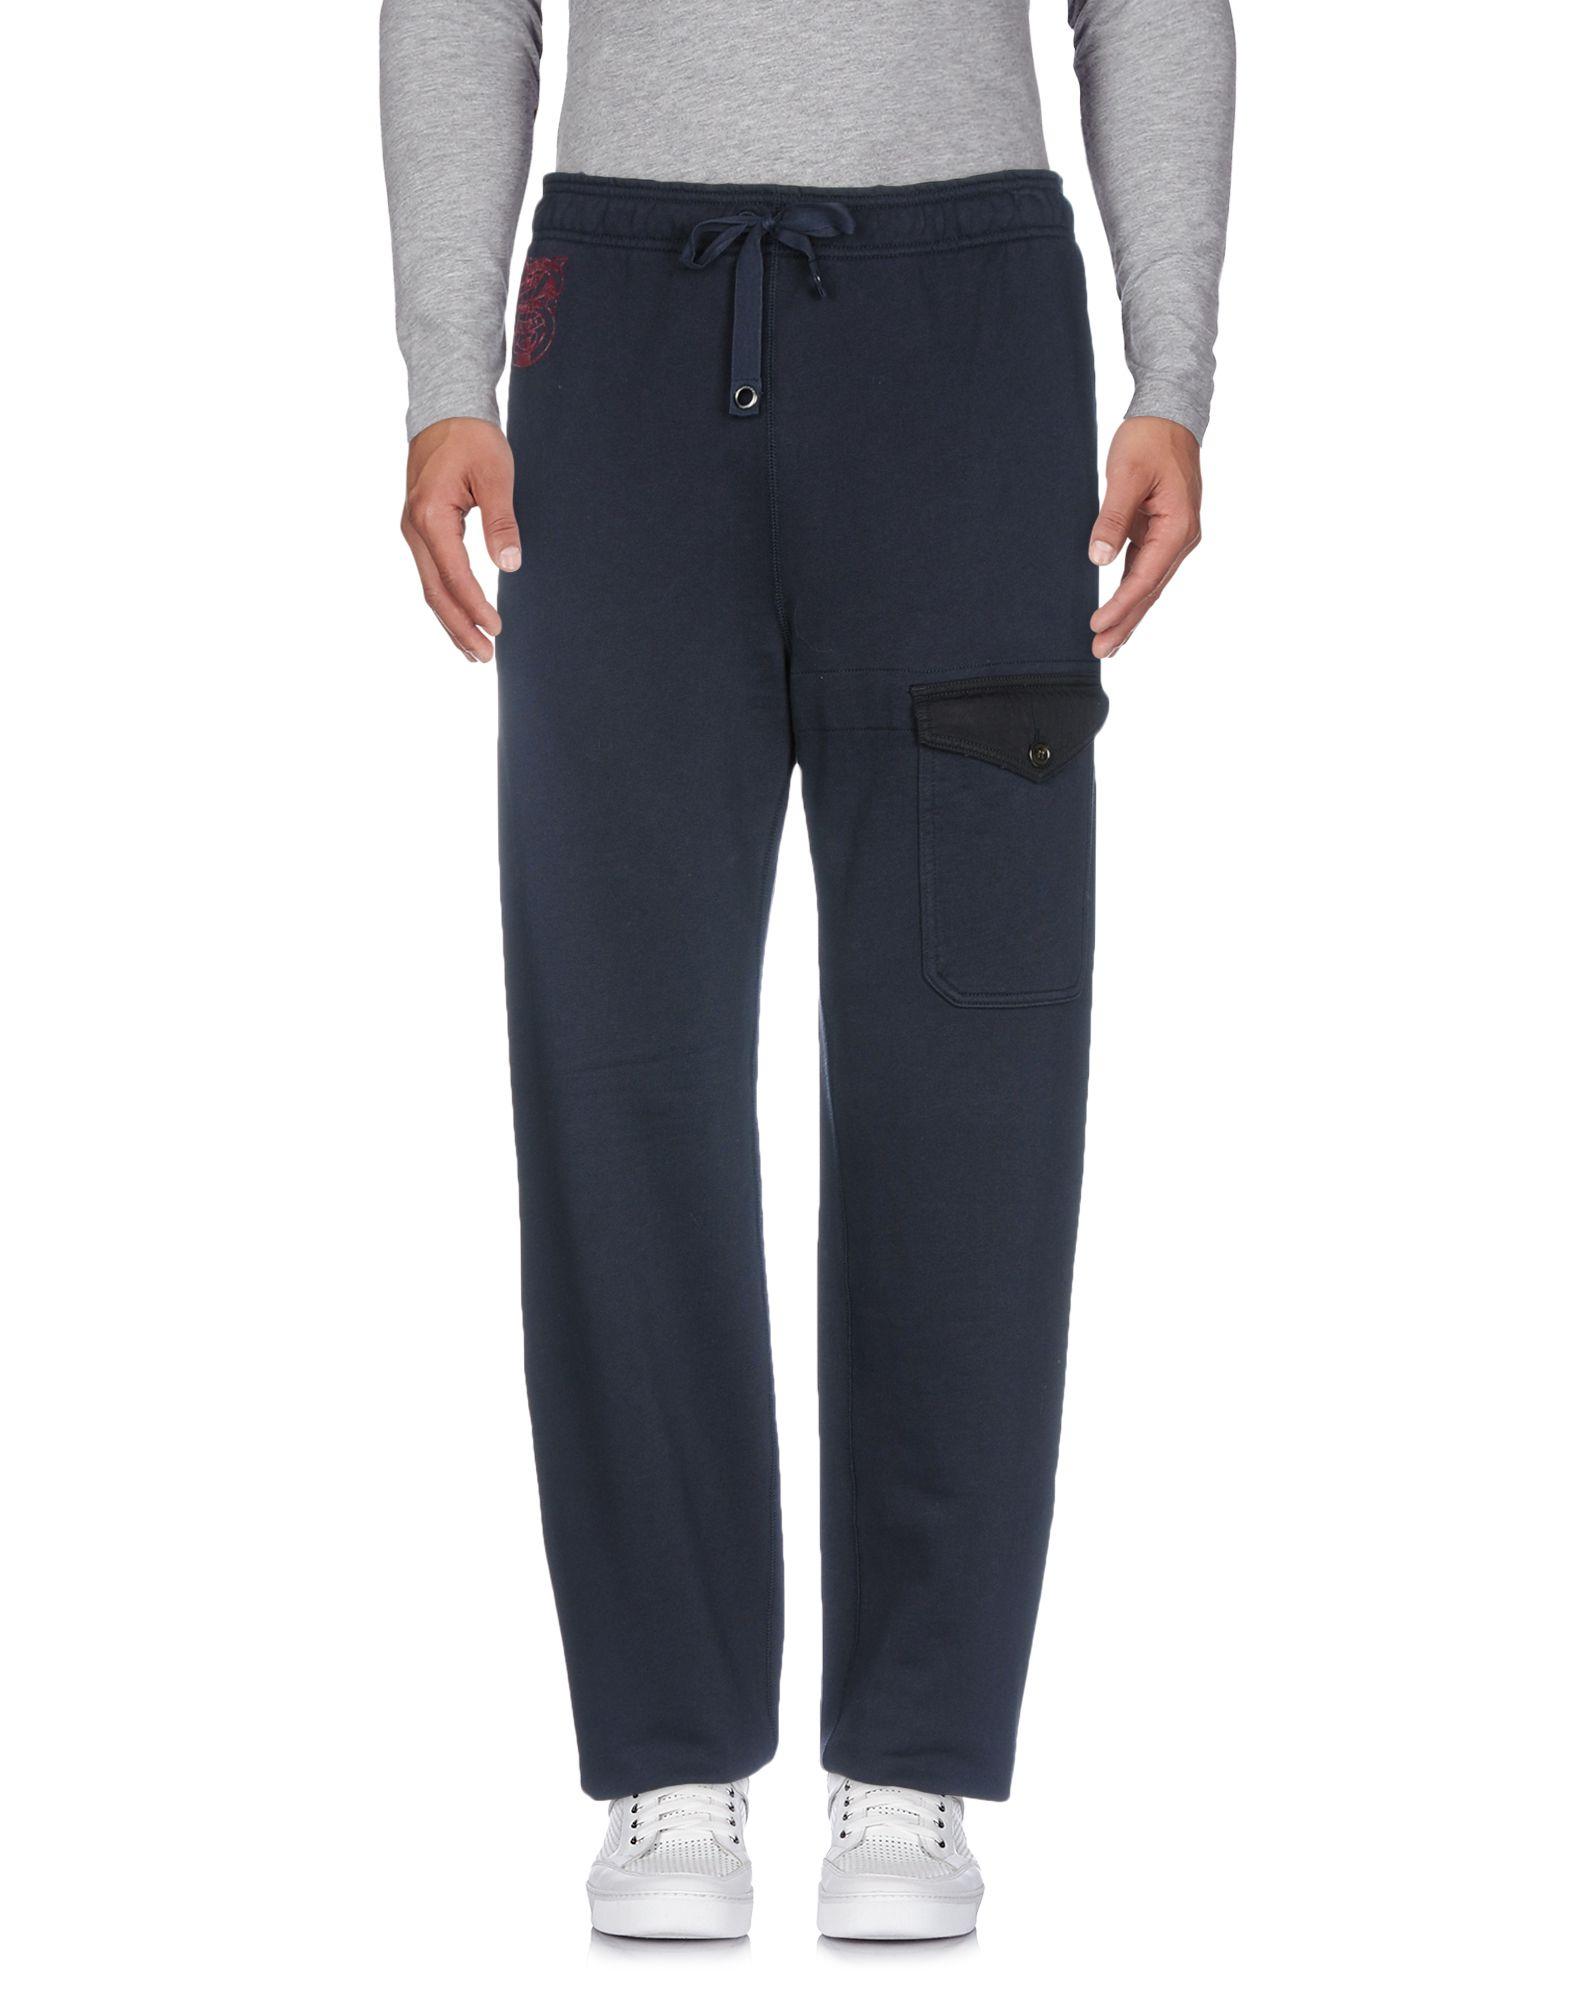 Pantalone Burberry Donna - Acquista online su